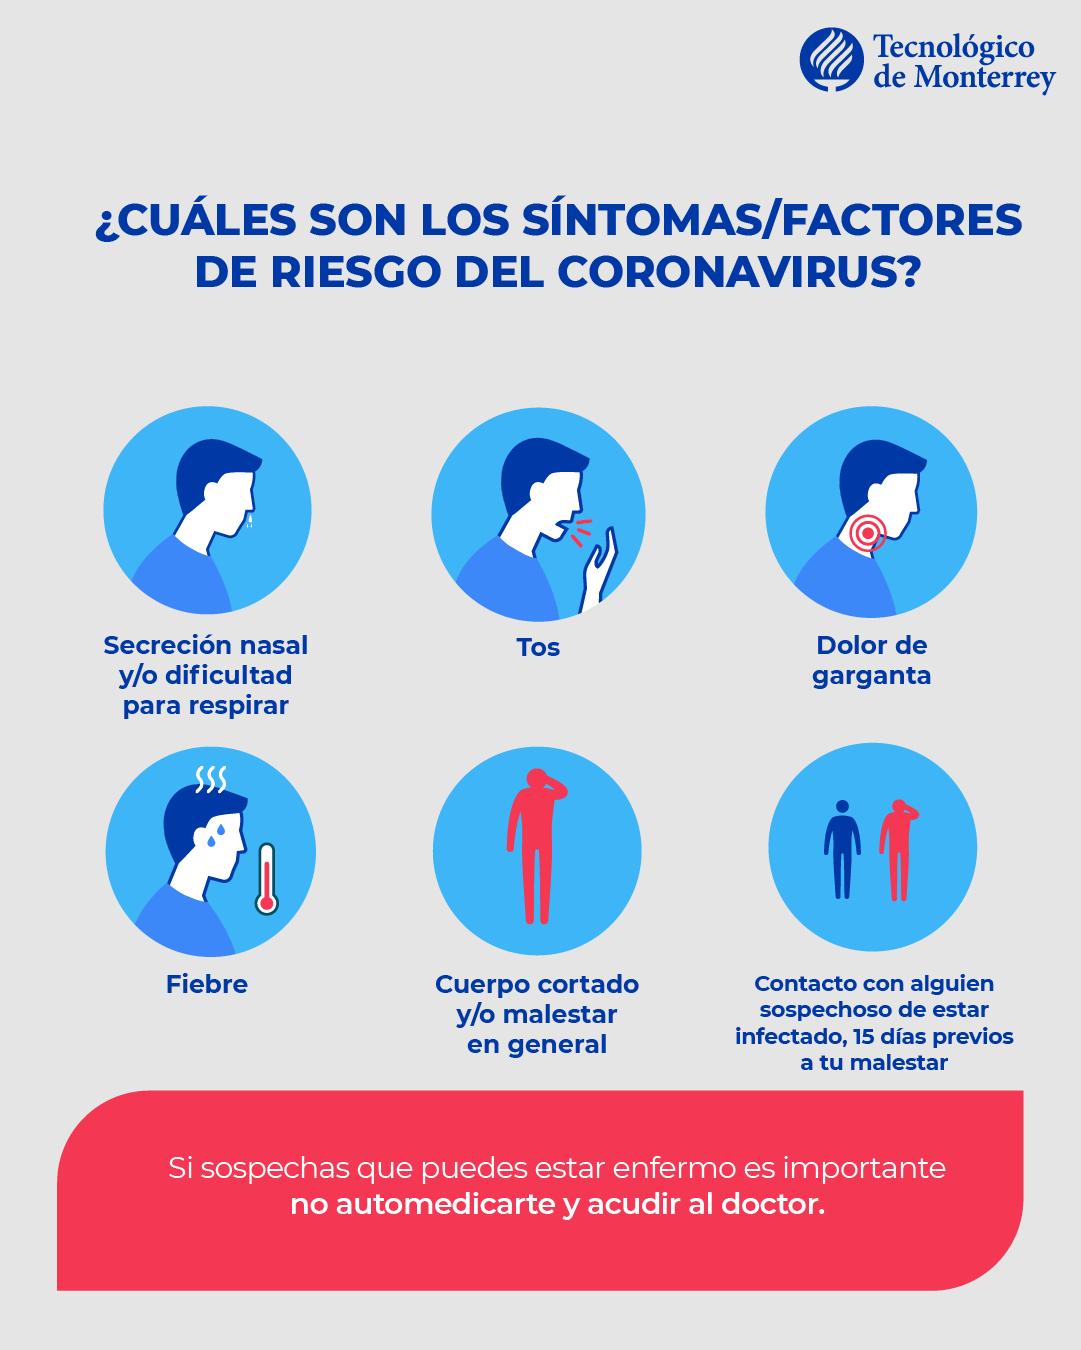 Coronavirus, Síntomas y factores